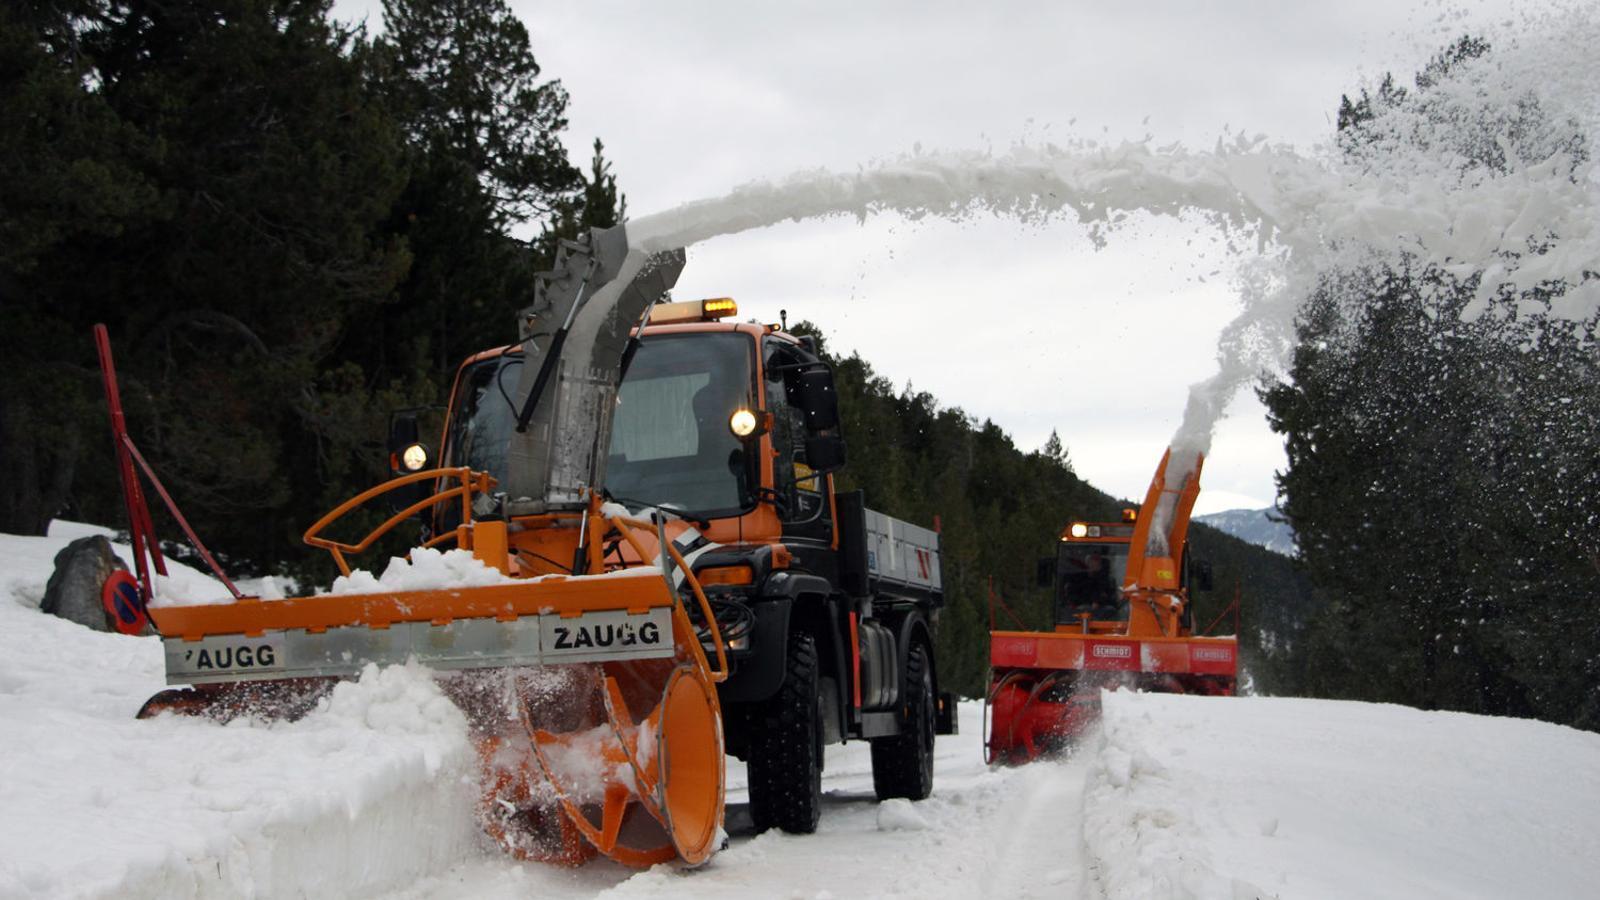 Treballs de treta de neu al Coll d'Ordino amb l'ajuda d'una turbina, la setmana passada. / C. G. (ANA)